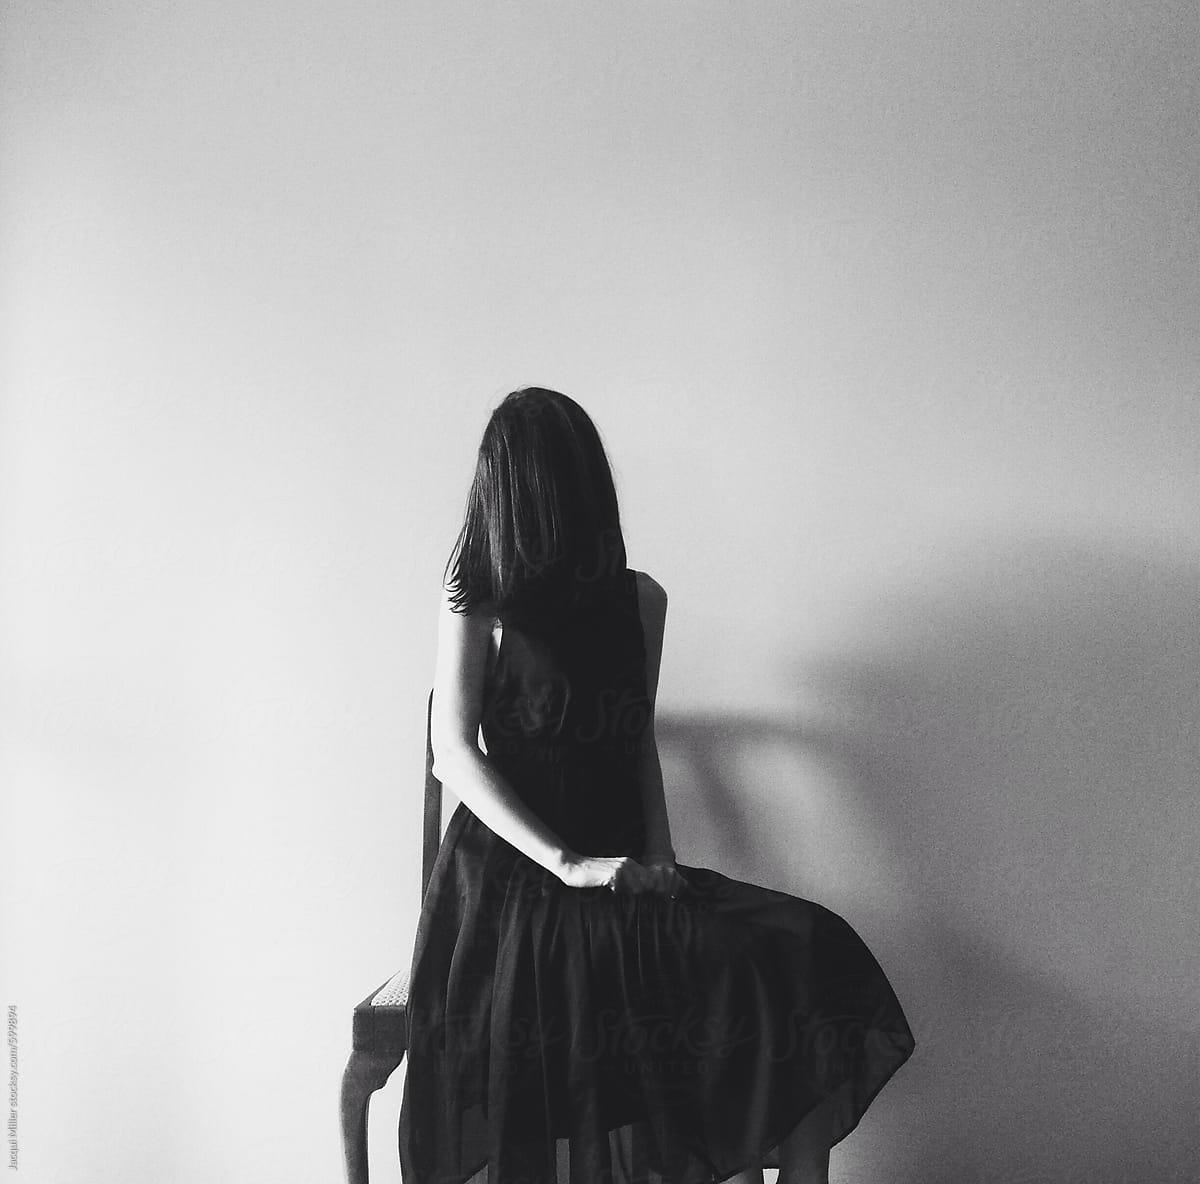 Hidden girl 60 fps photo 8